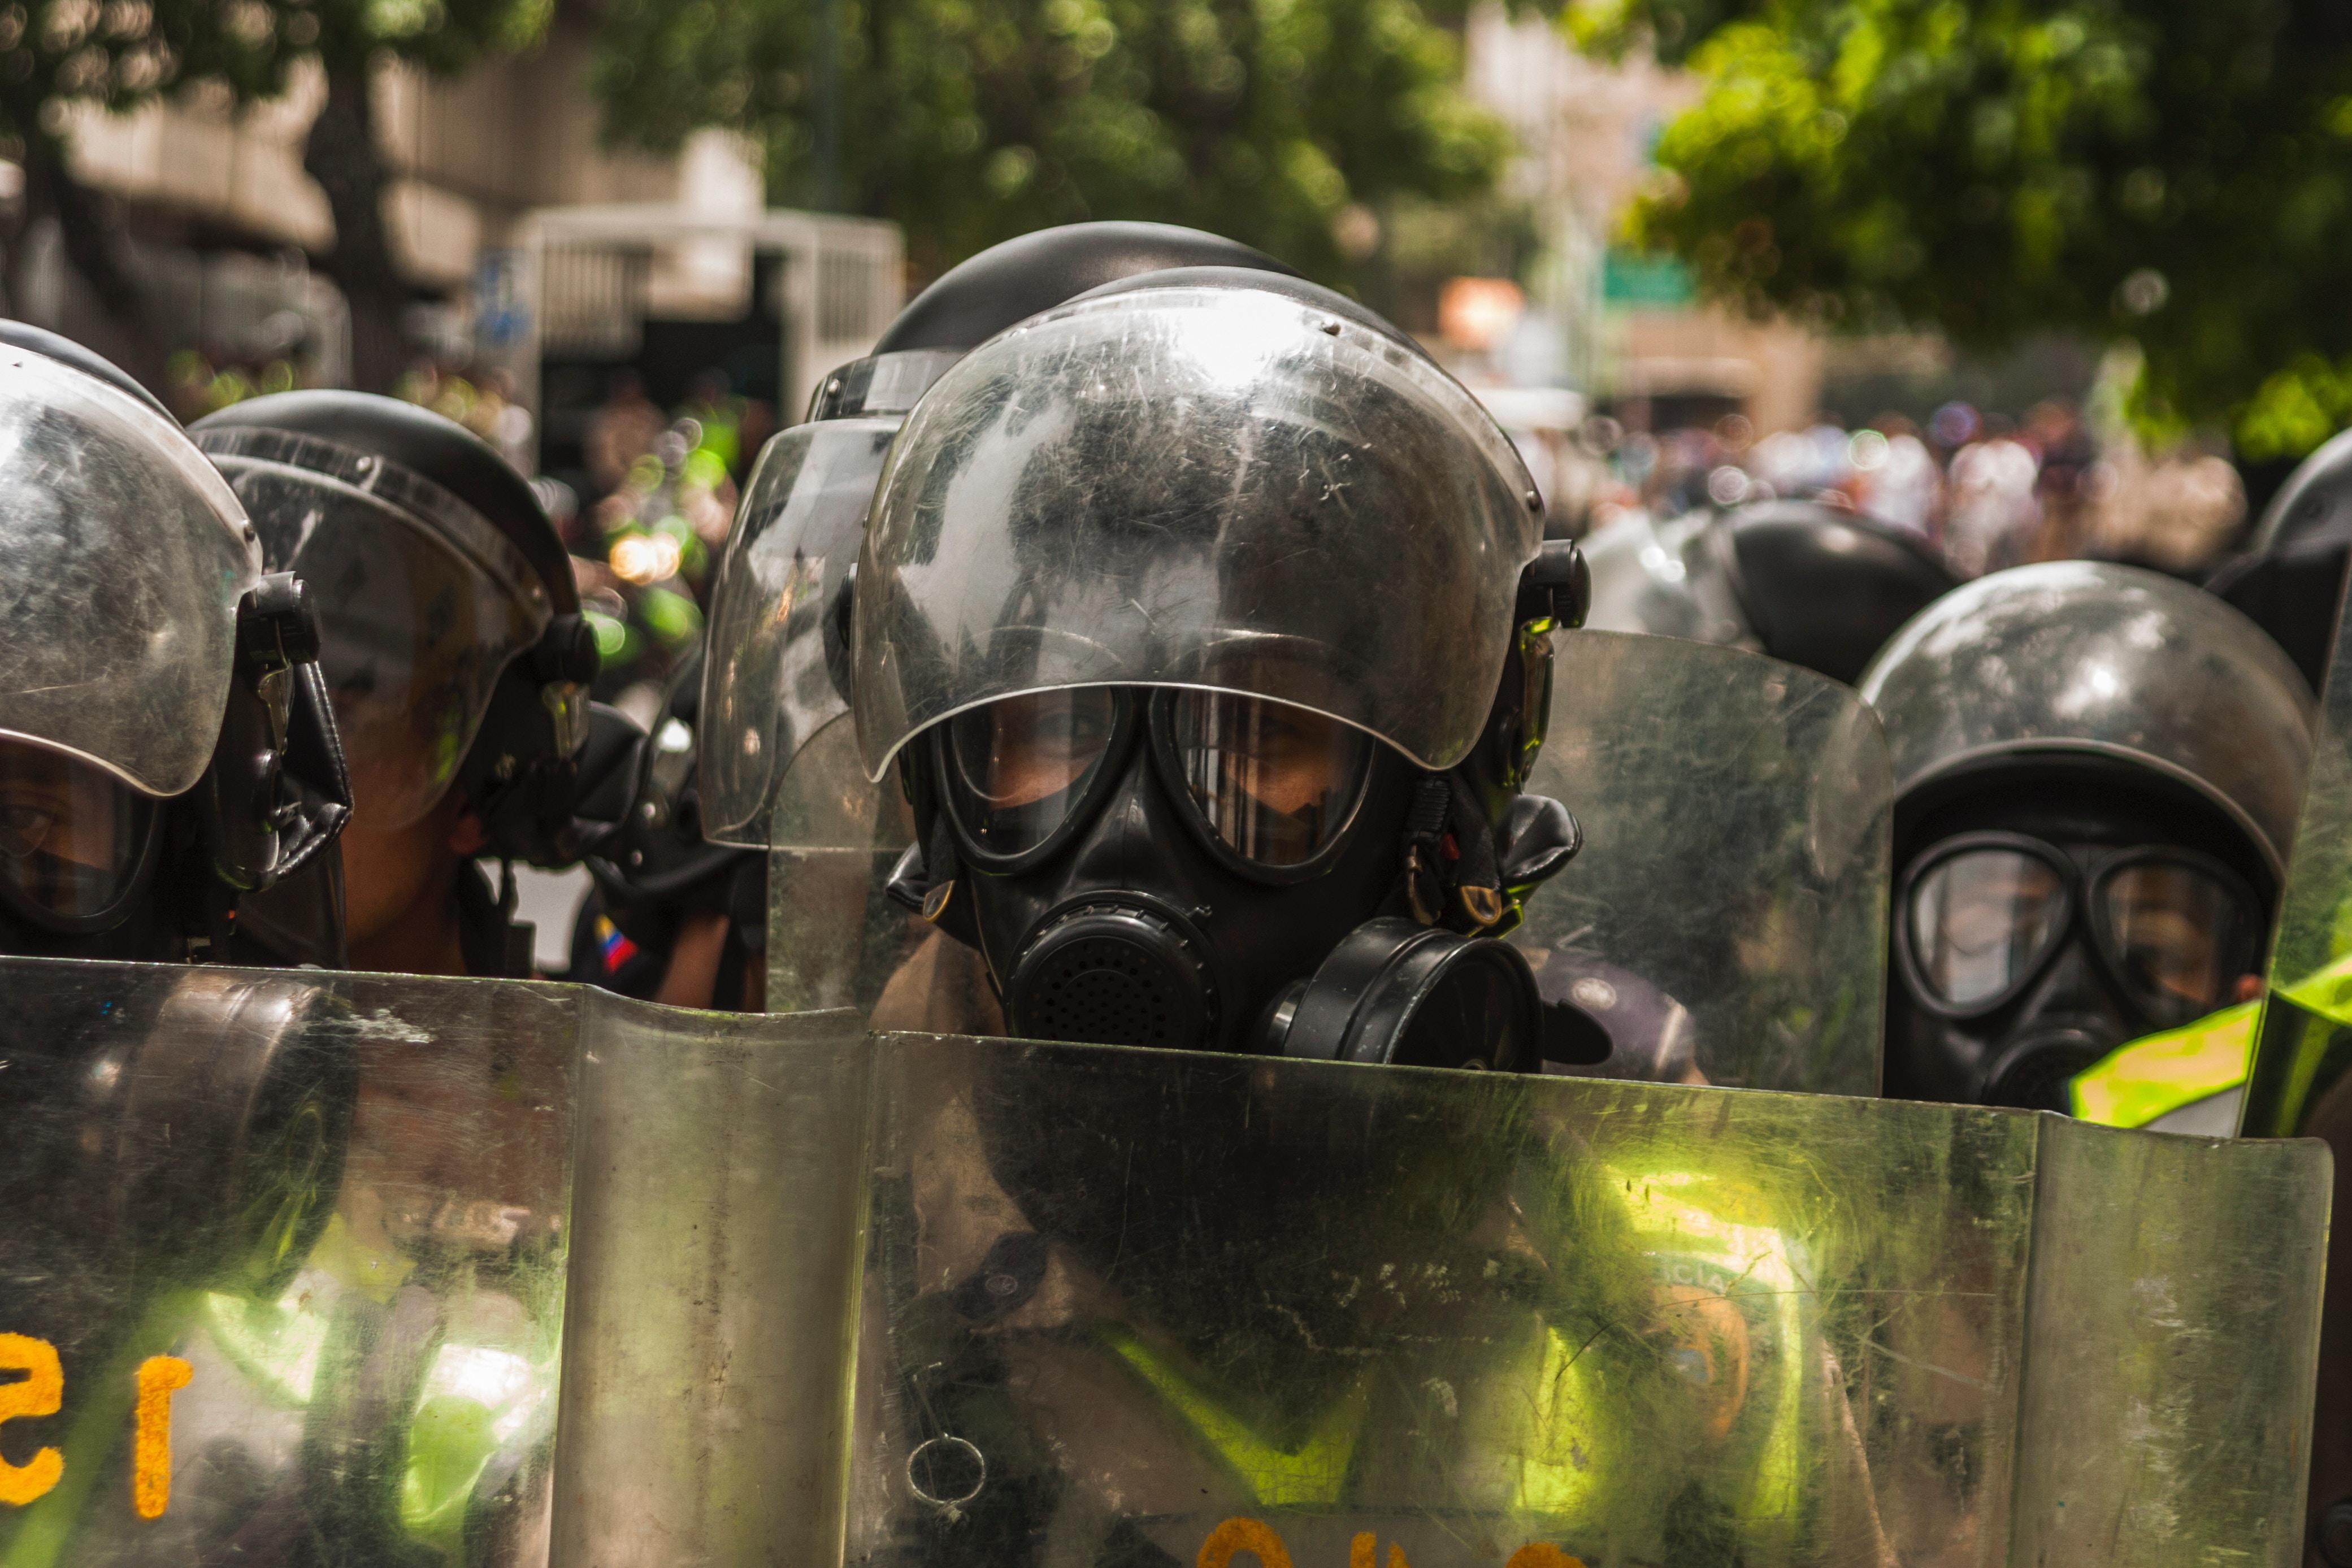 Venezuelan protestors attacked as supplies decline